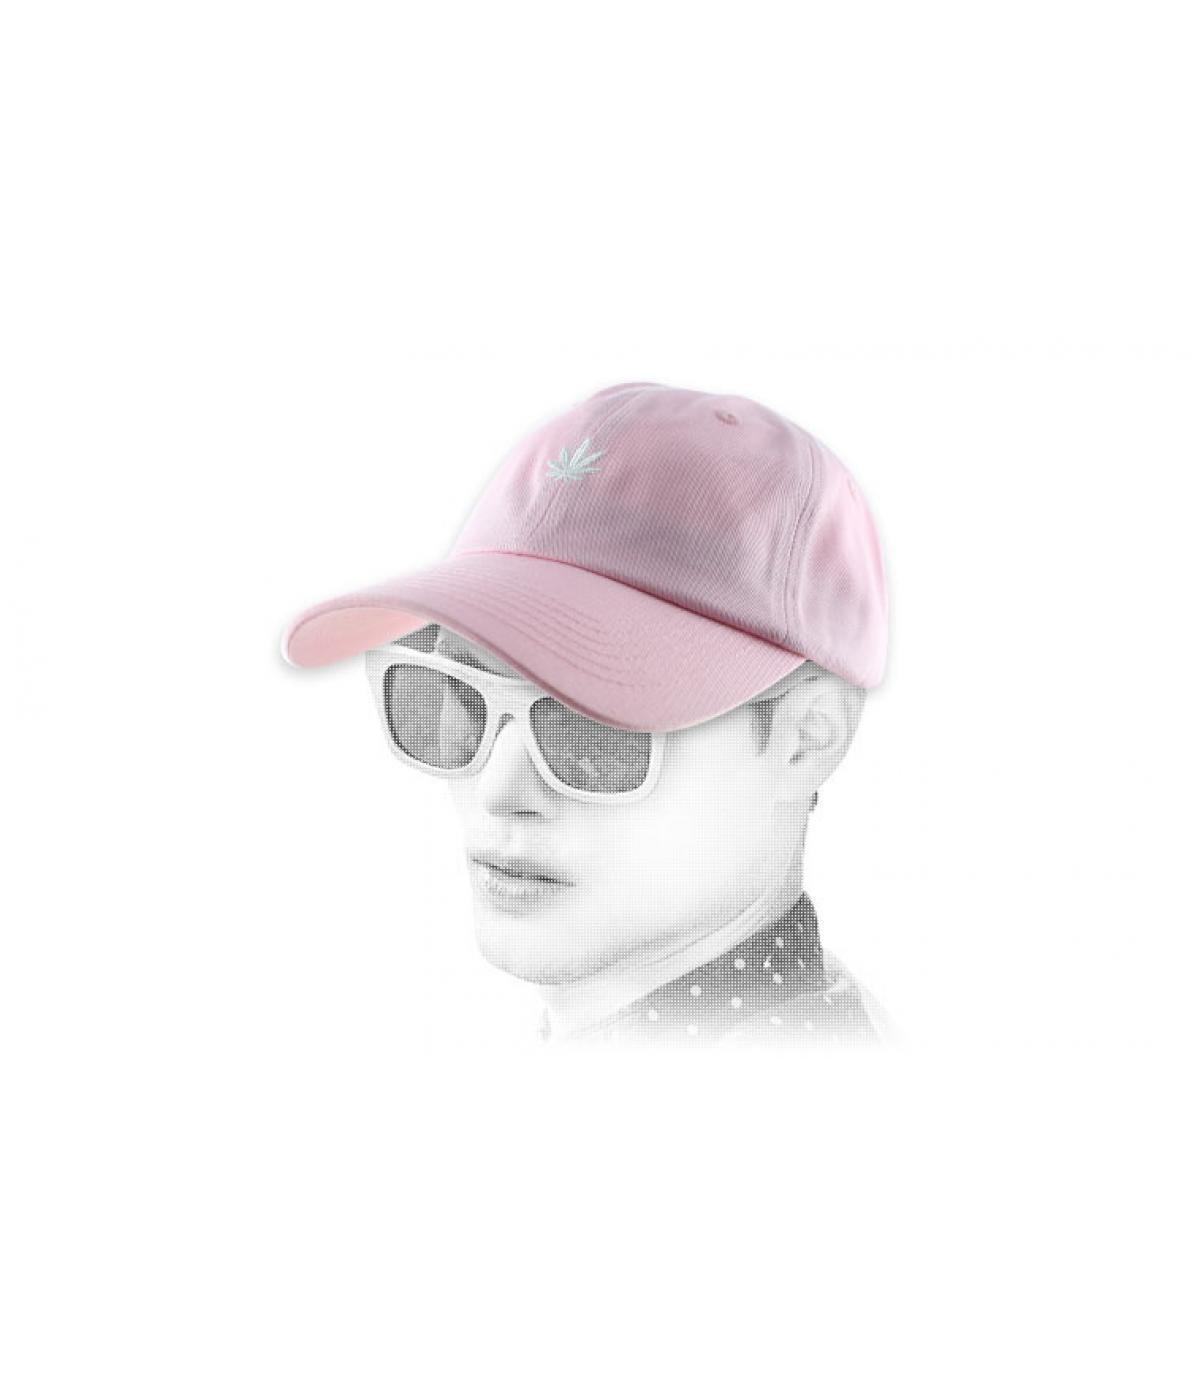 pink weed cap